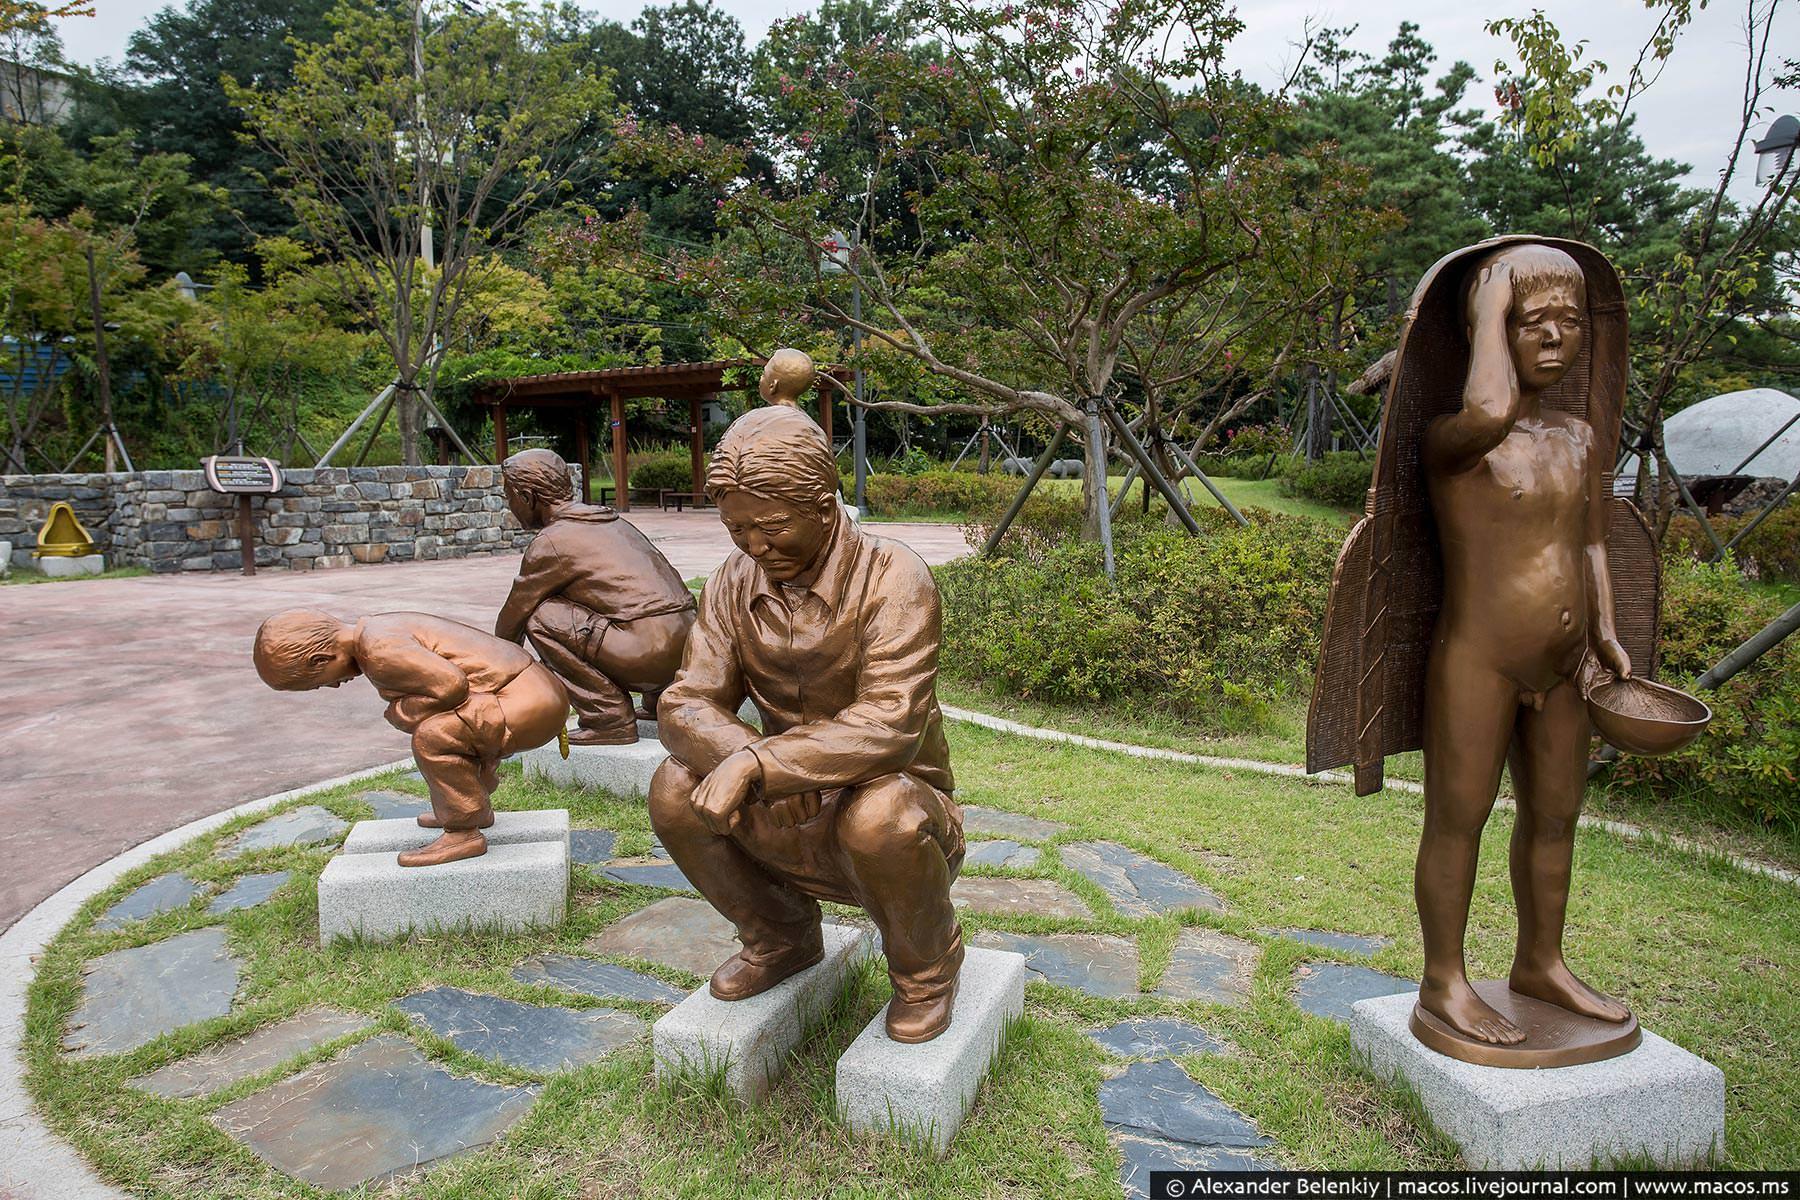 """Парк какашек в Южной Корее туалеты, другие, одном, каждого, туалетная, удобные, туалетов, Будьте, рядом, точно, выглядят, разных, уверены, существует, воспитатель, покакало""""12, своего, Первоклассники, Серьёзно, учителя11"""